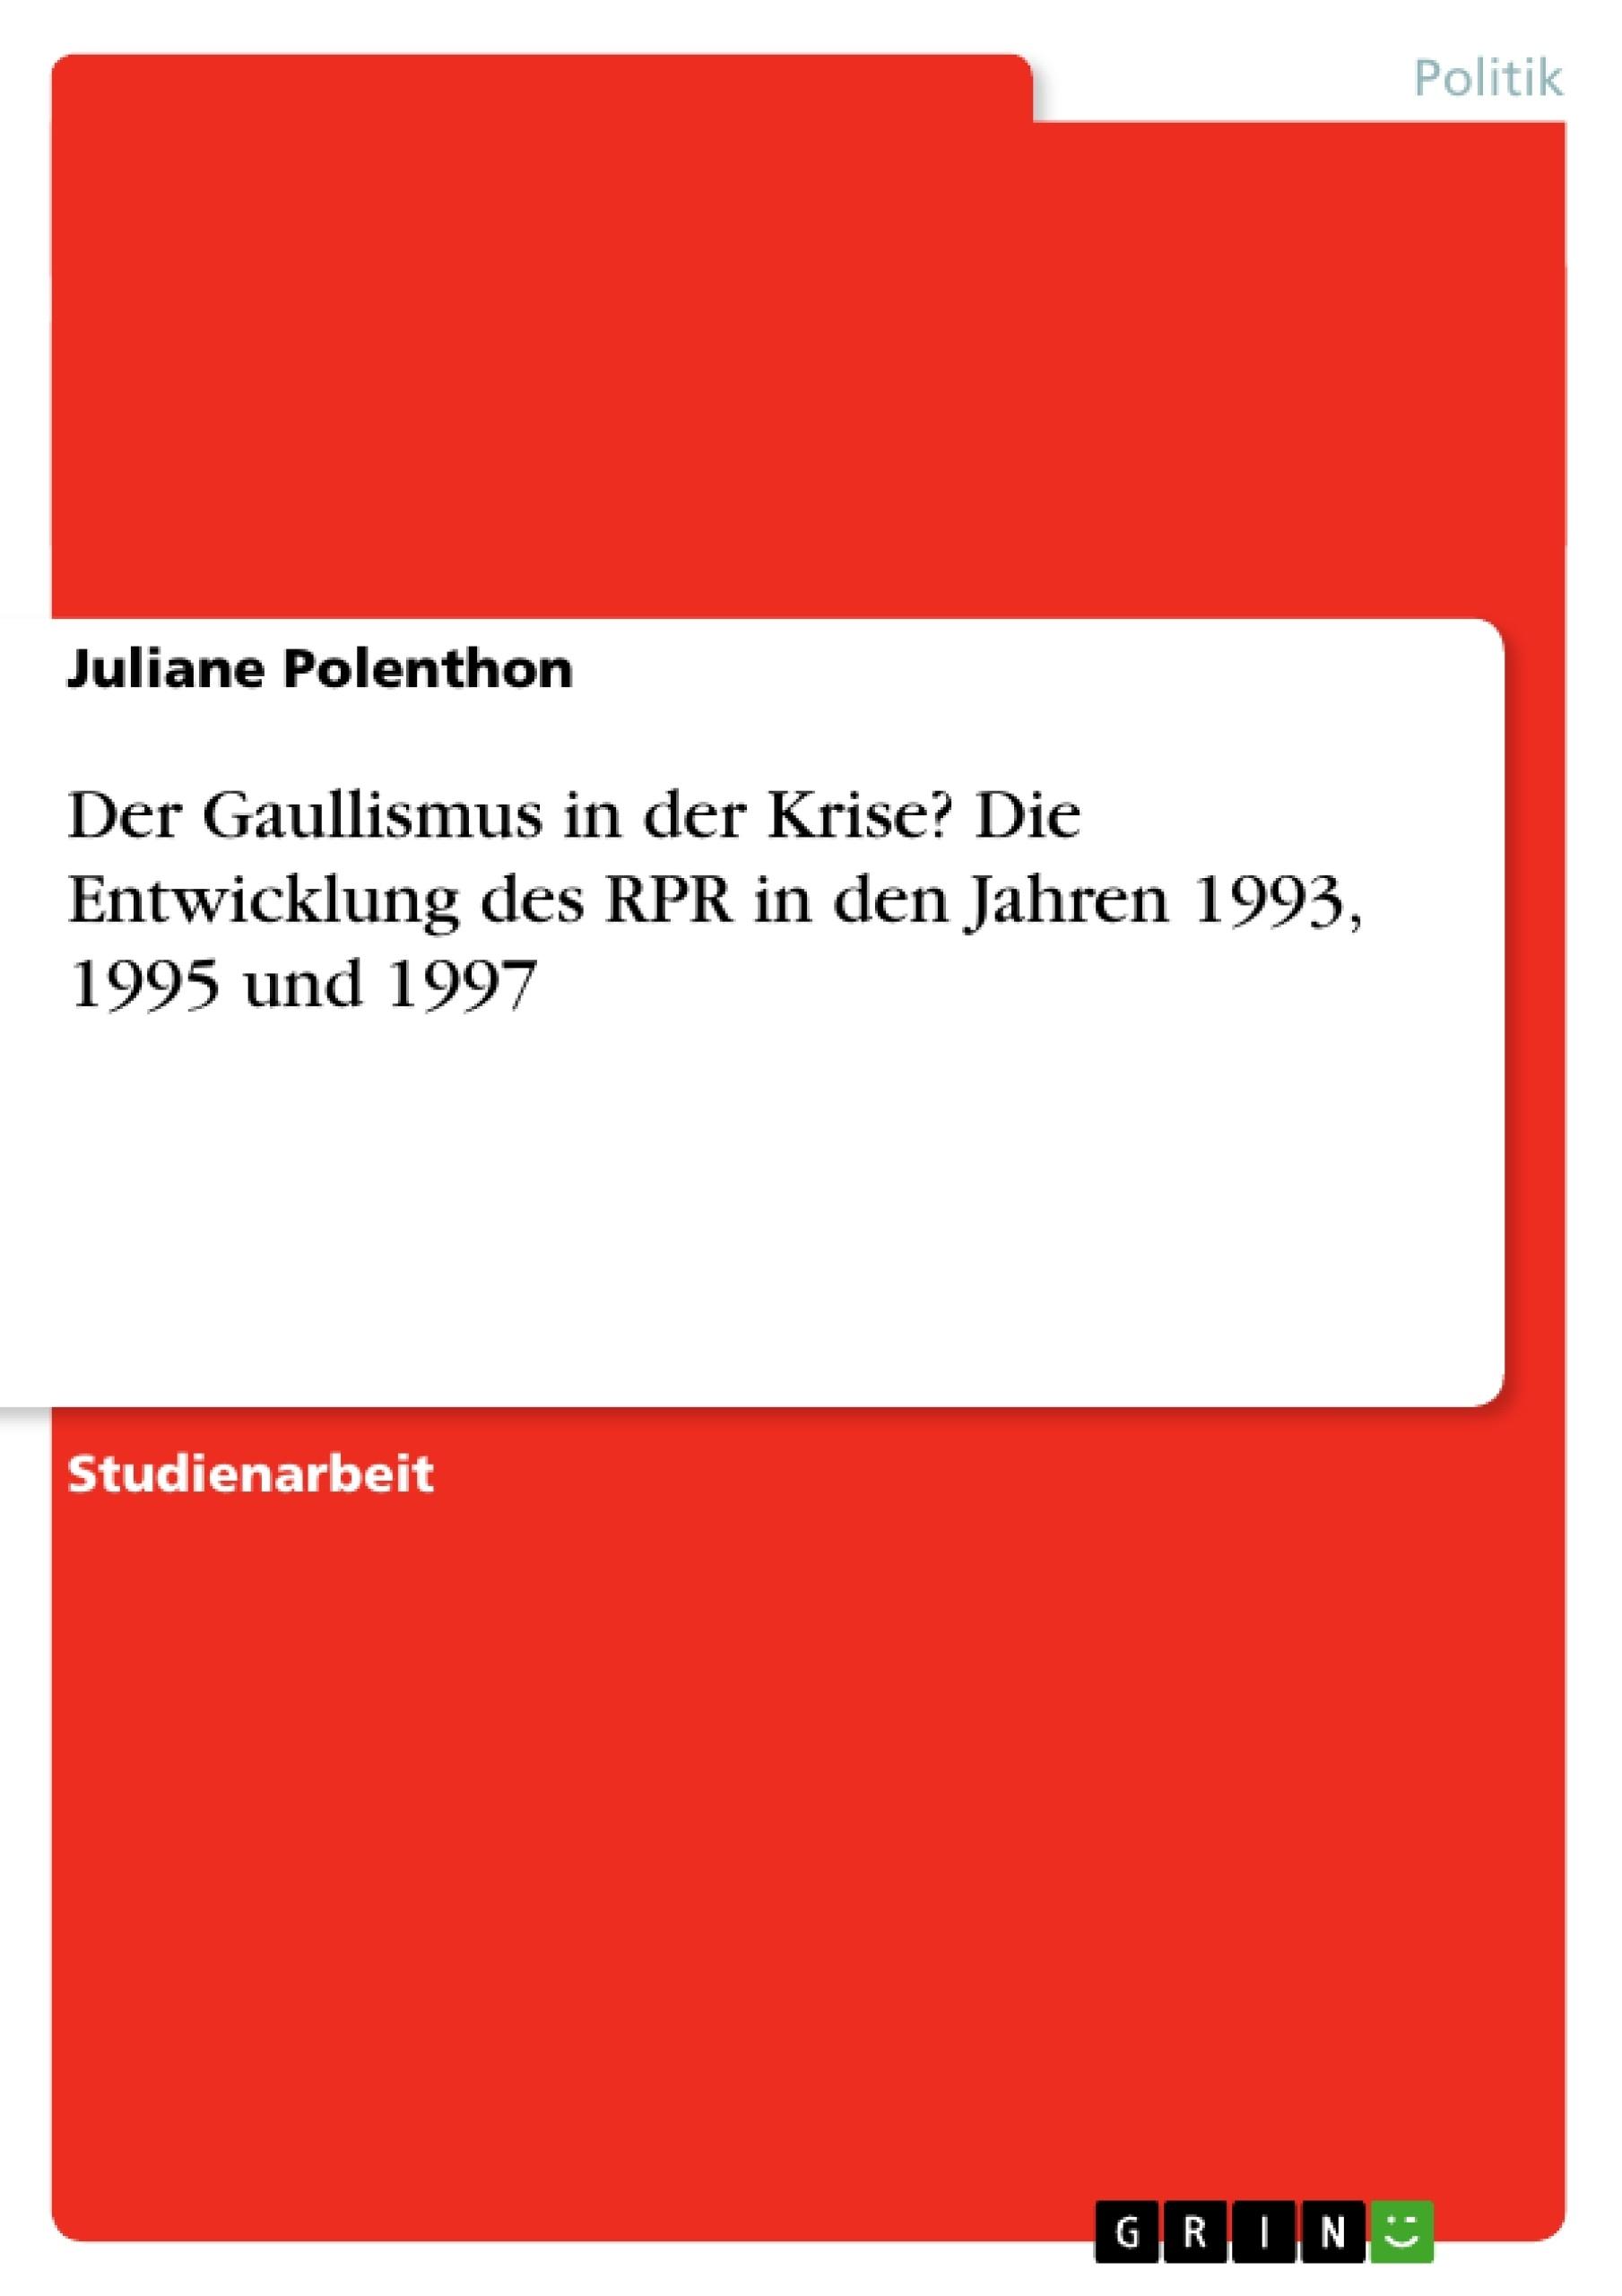 Titel: Der Gaullismus in der Krise? Die Entwicklung des RPR in den Jahren 1993, 1995 und 1997